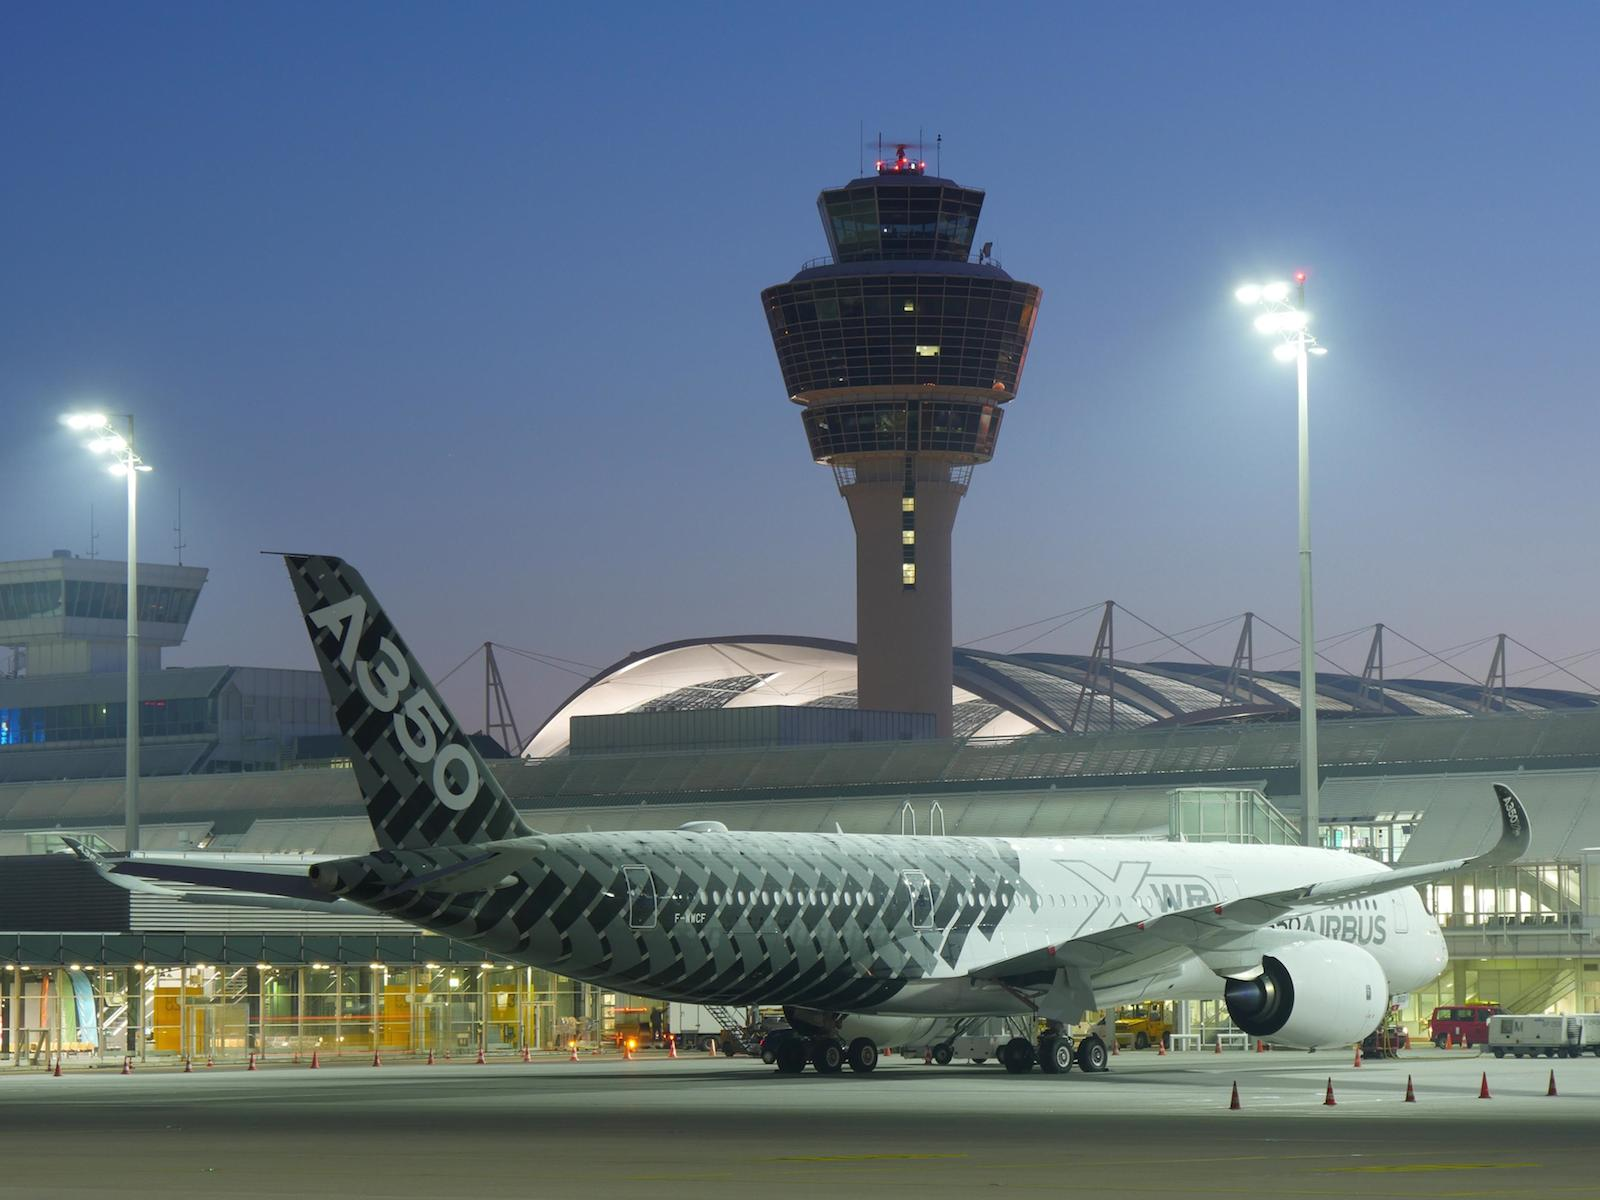 Am 26. Februar 2015 landete der erste Airbus A350 XWB in München mit 90 Journalisten an Bord.